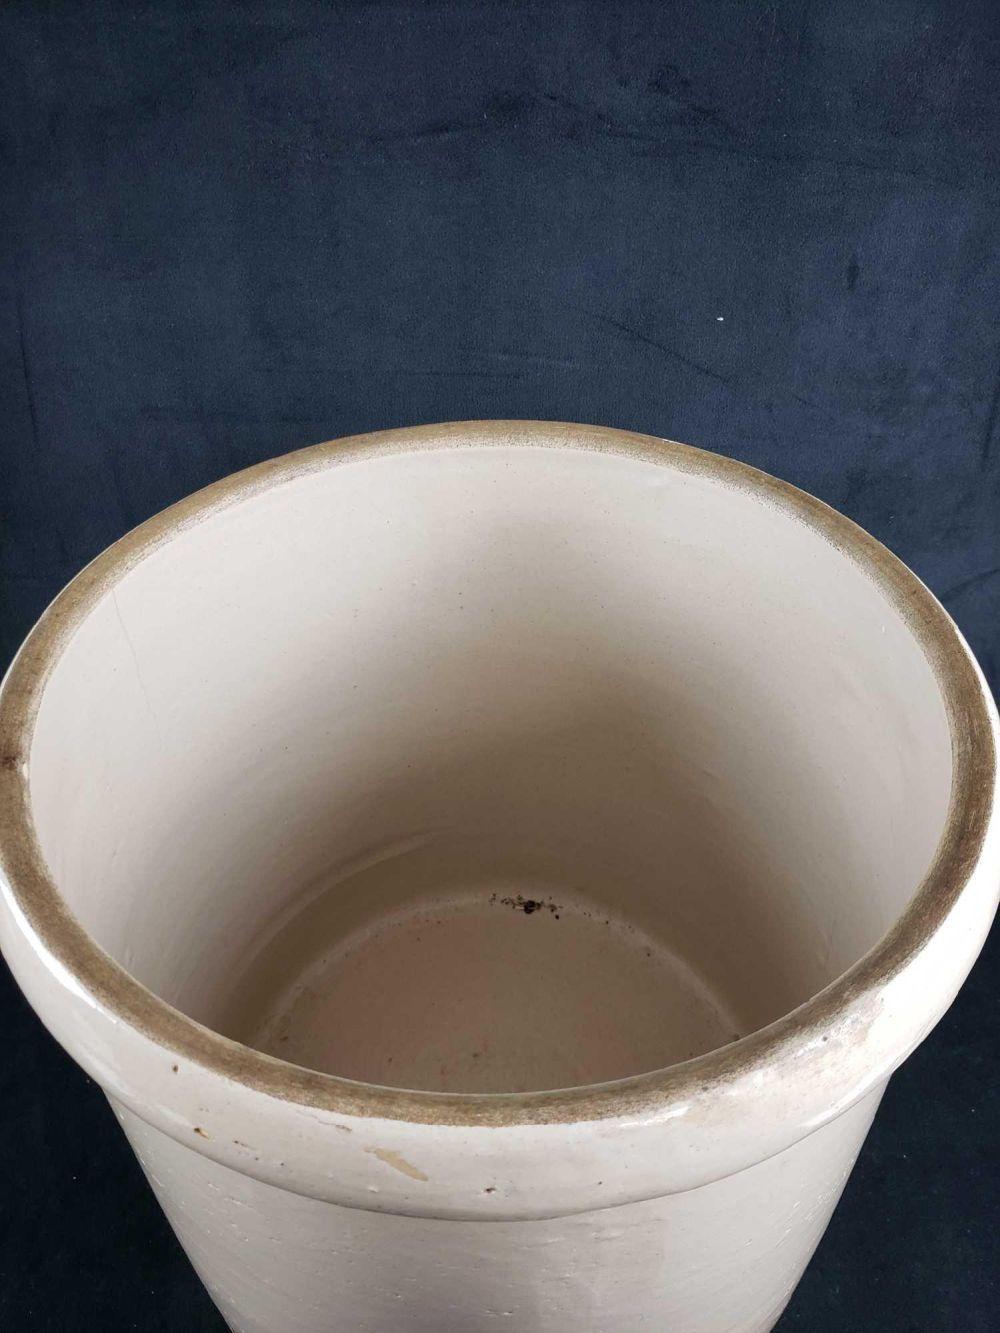 Lot 493: 5 Gallon Salt Glaze Handled Stoneware Pot